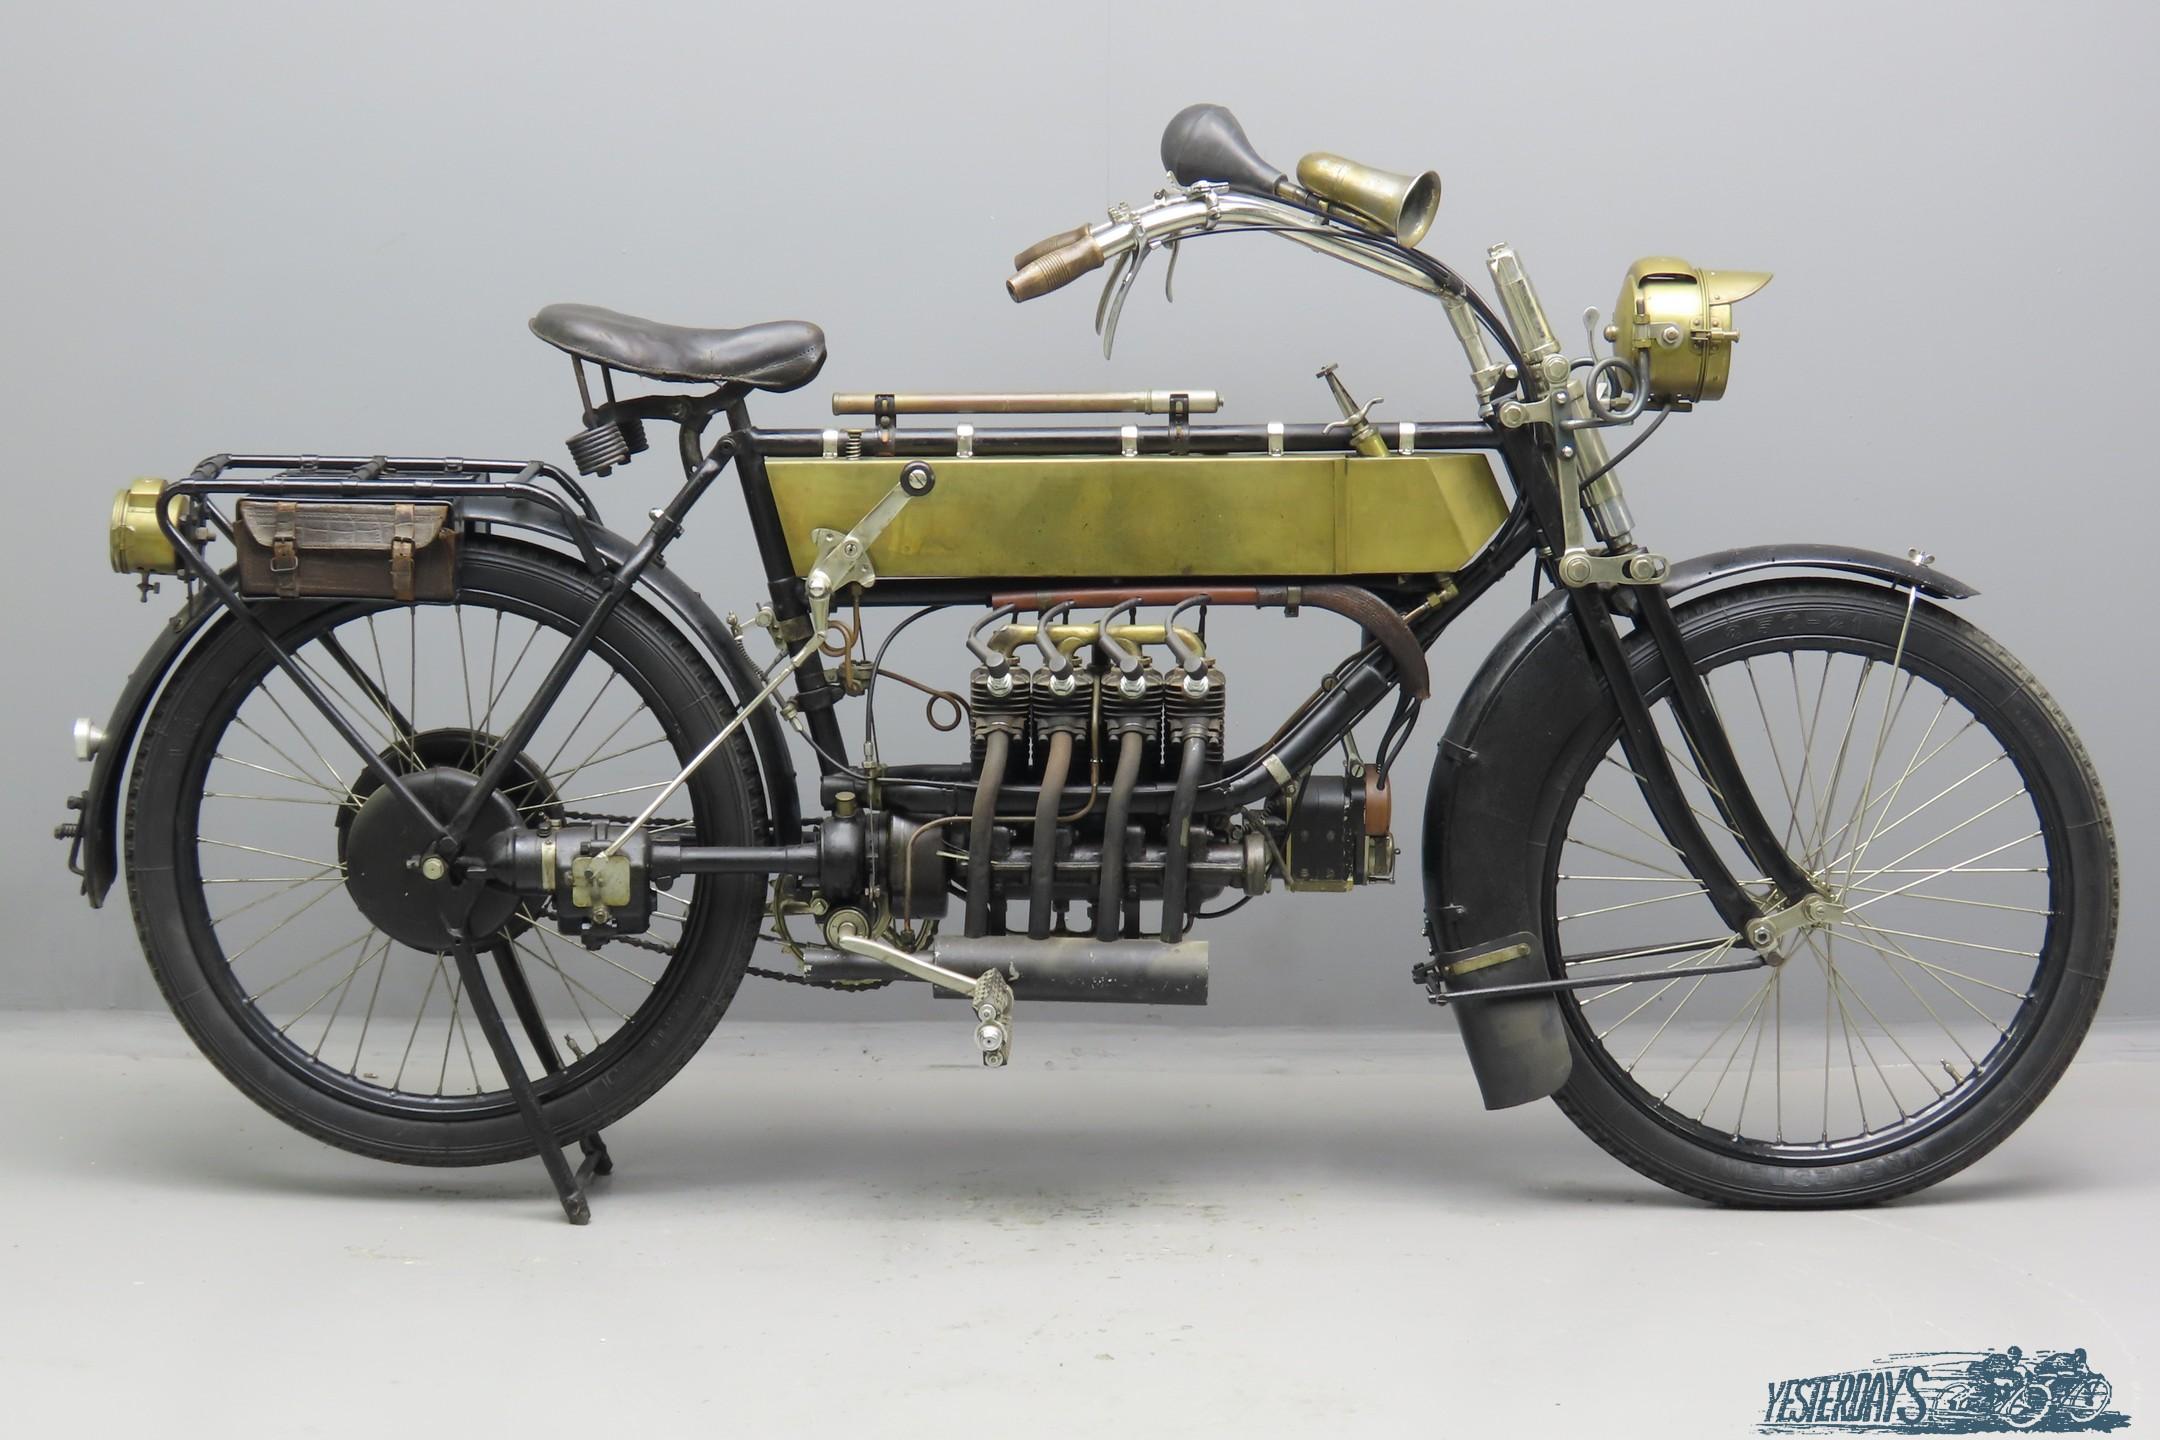 FN 1912 498cc 4 cyl aiv  3010